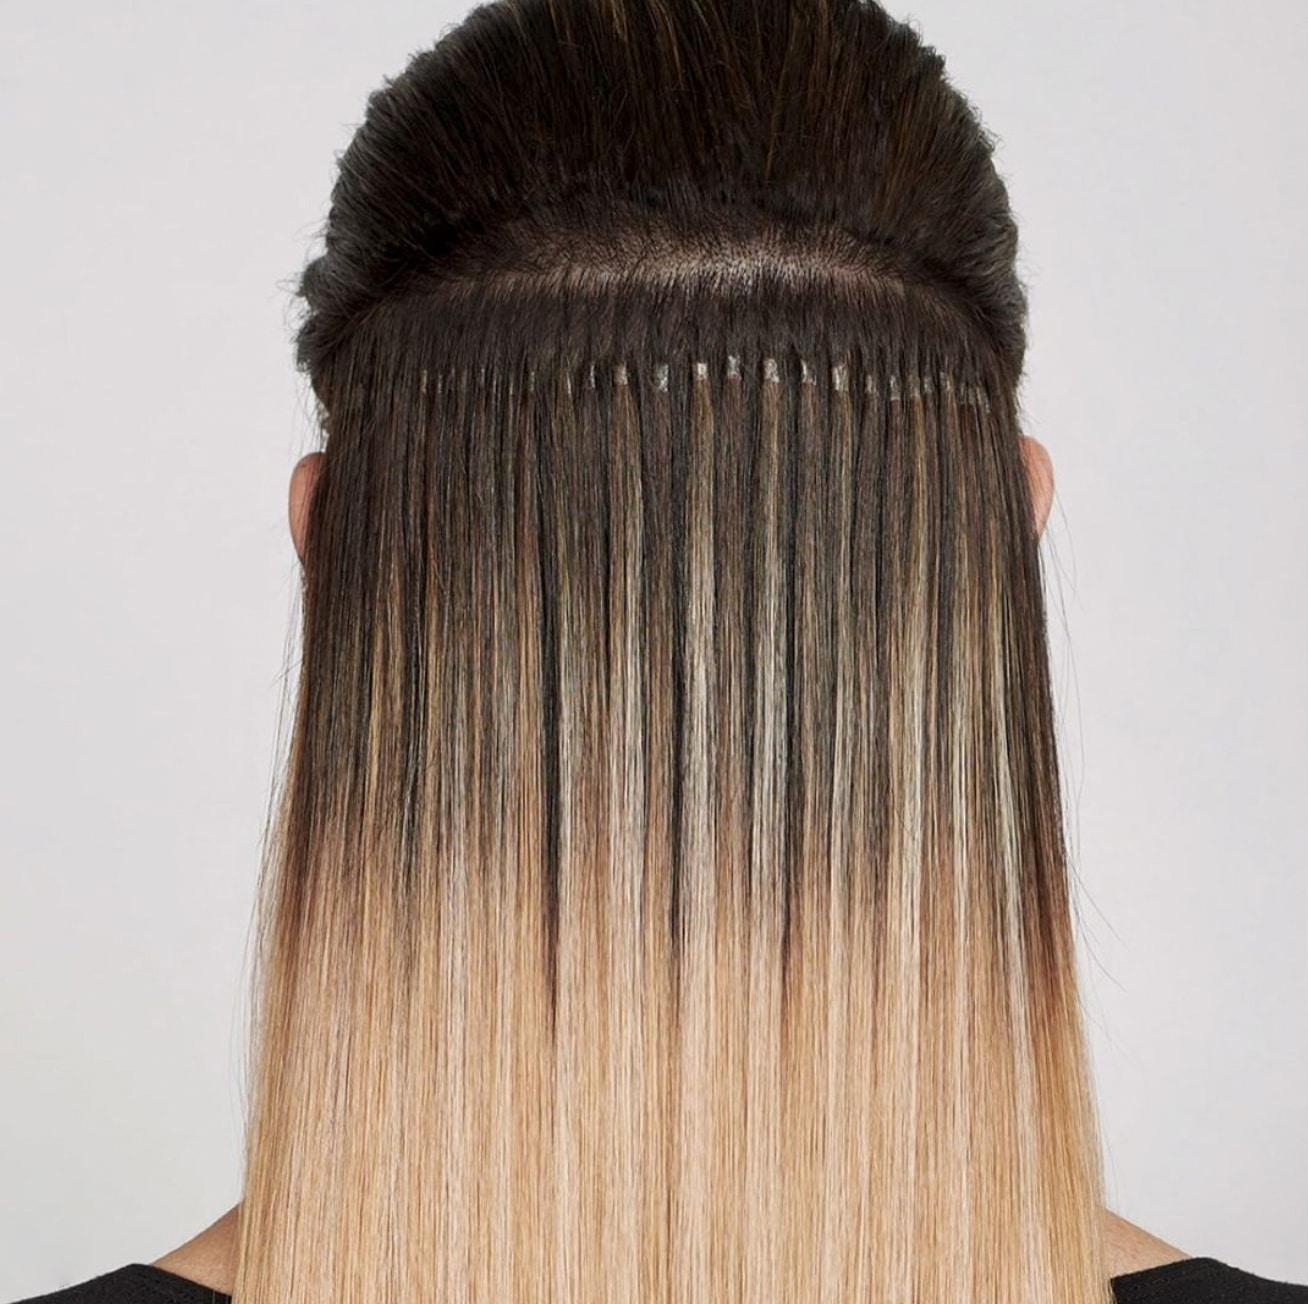 Echthaar Haarverlängerung bei Carola Claudia Staudinger Hair Salon & Spa mit Great Lengths Tapes